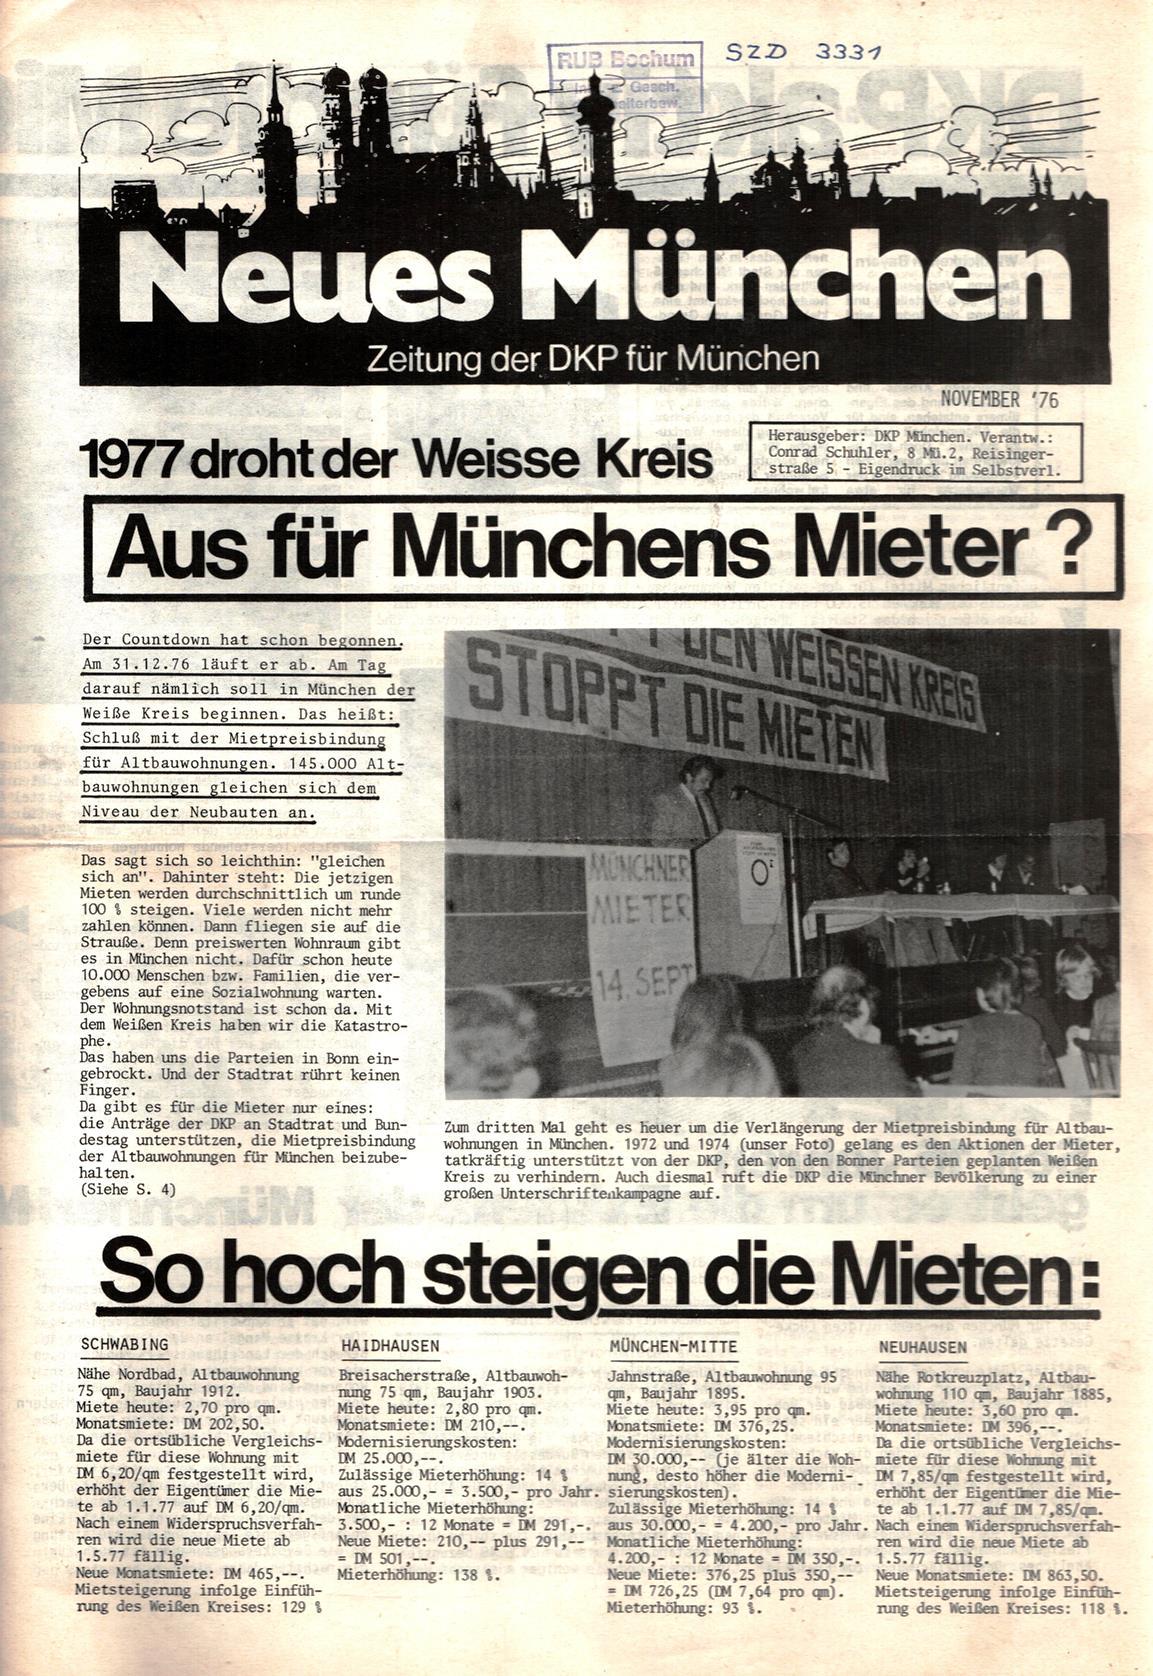 Muenchen_DKP_Neues_Muenchen_19761100_001